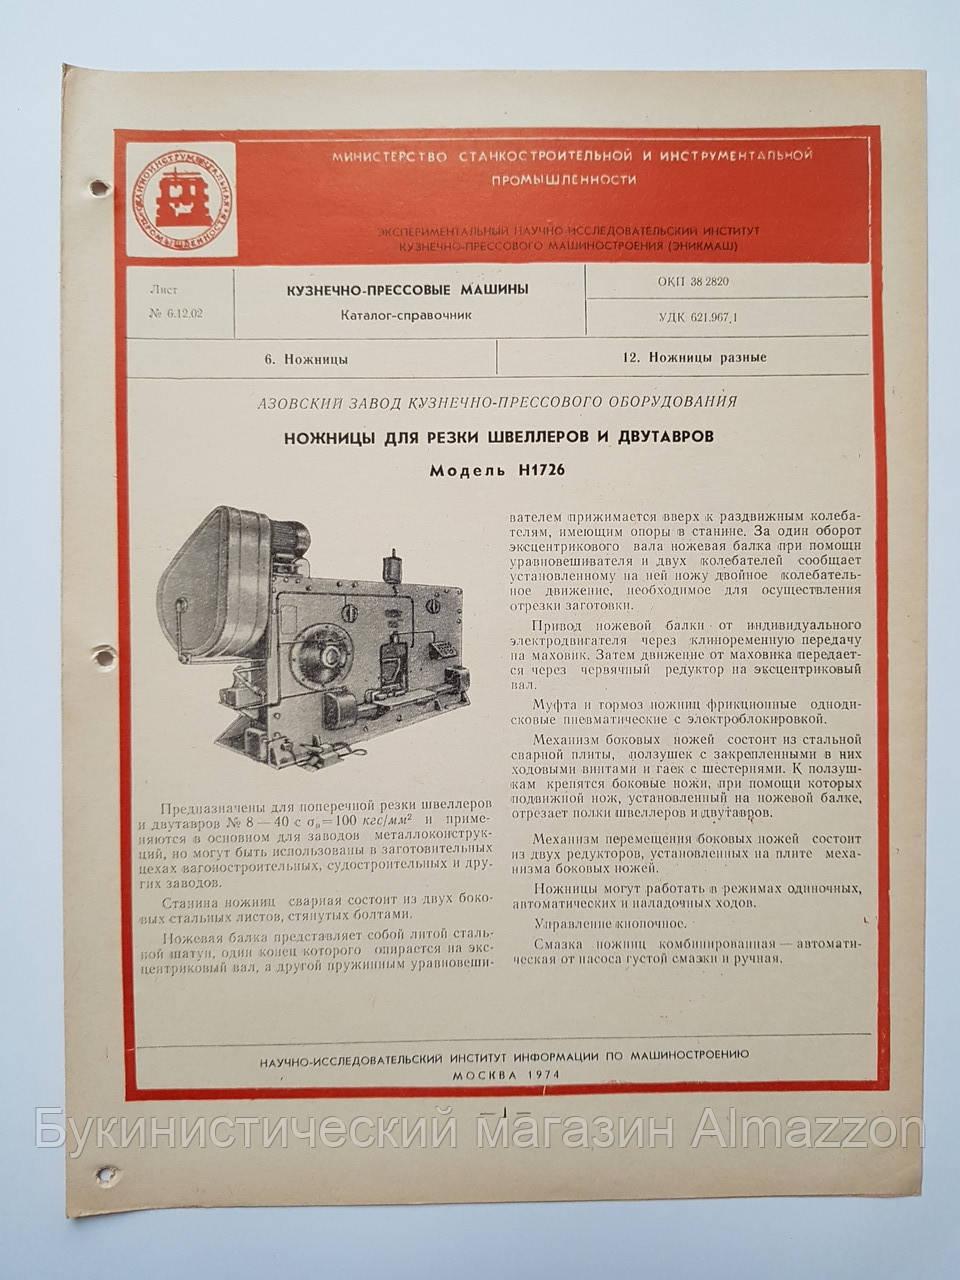 Журнал (Бюллетень) Ножницы для резки швеллеров и двутавров Н1726   6.12.02